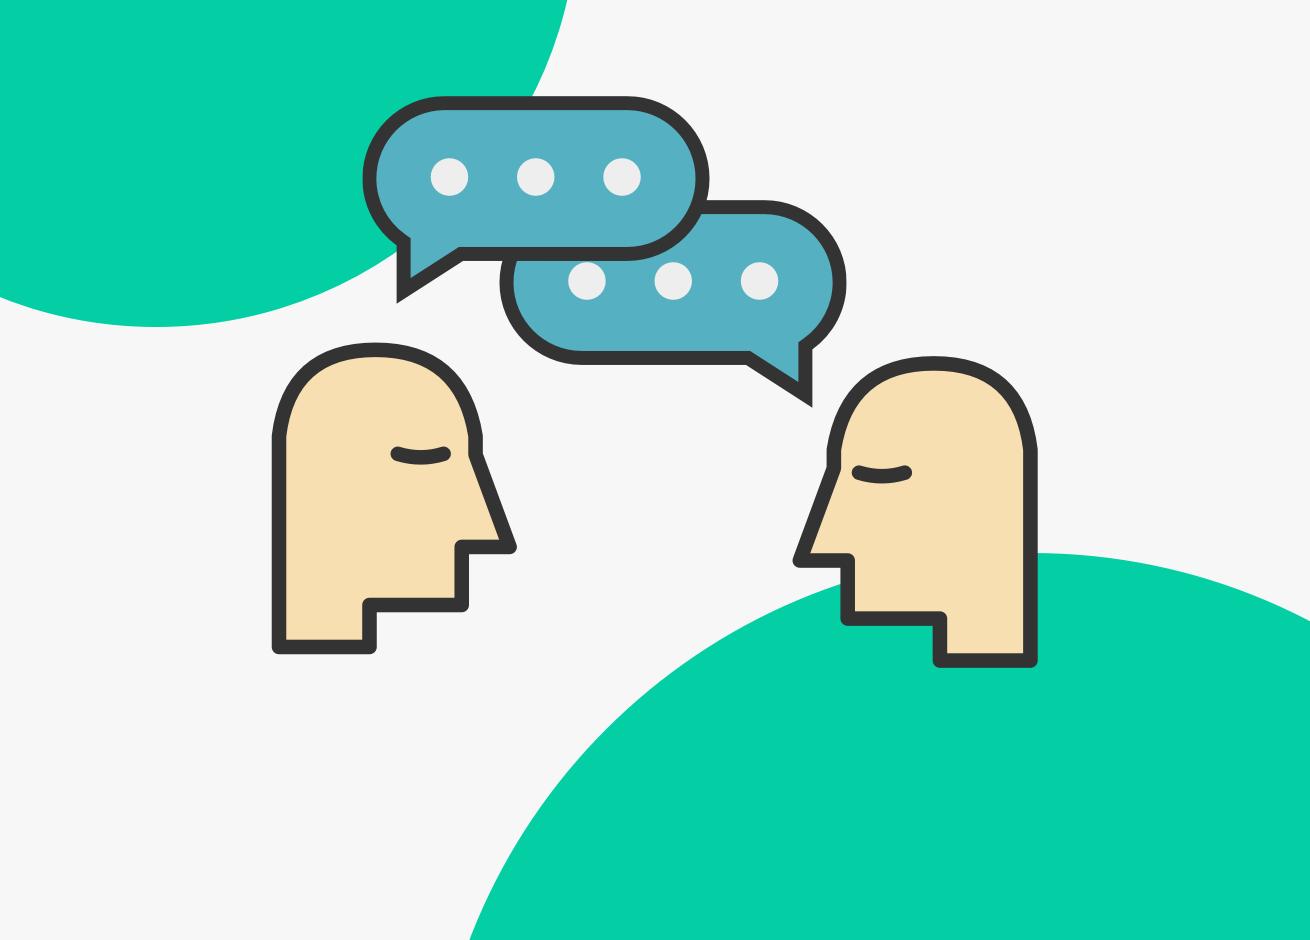 La importancia del Feedback en los equipos de trabajo